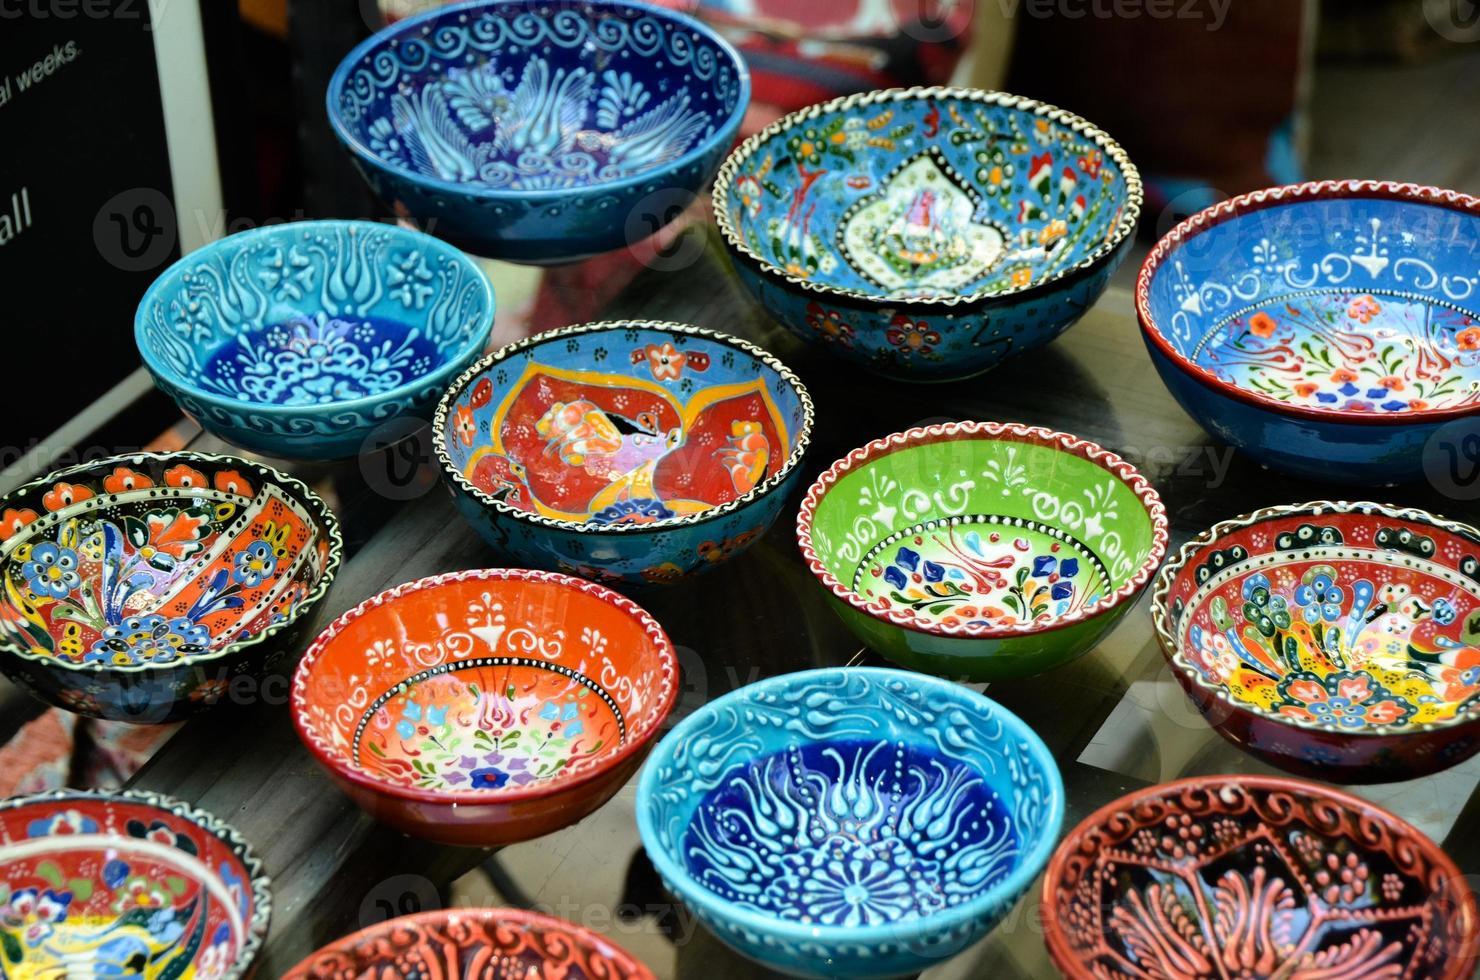 cerâmica turca clássica no mercado foto